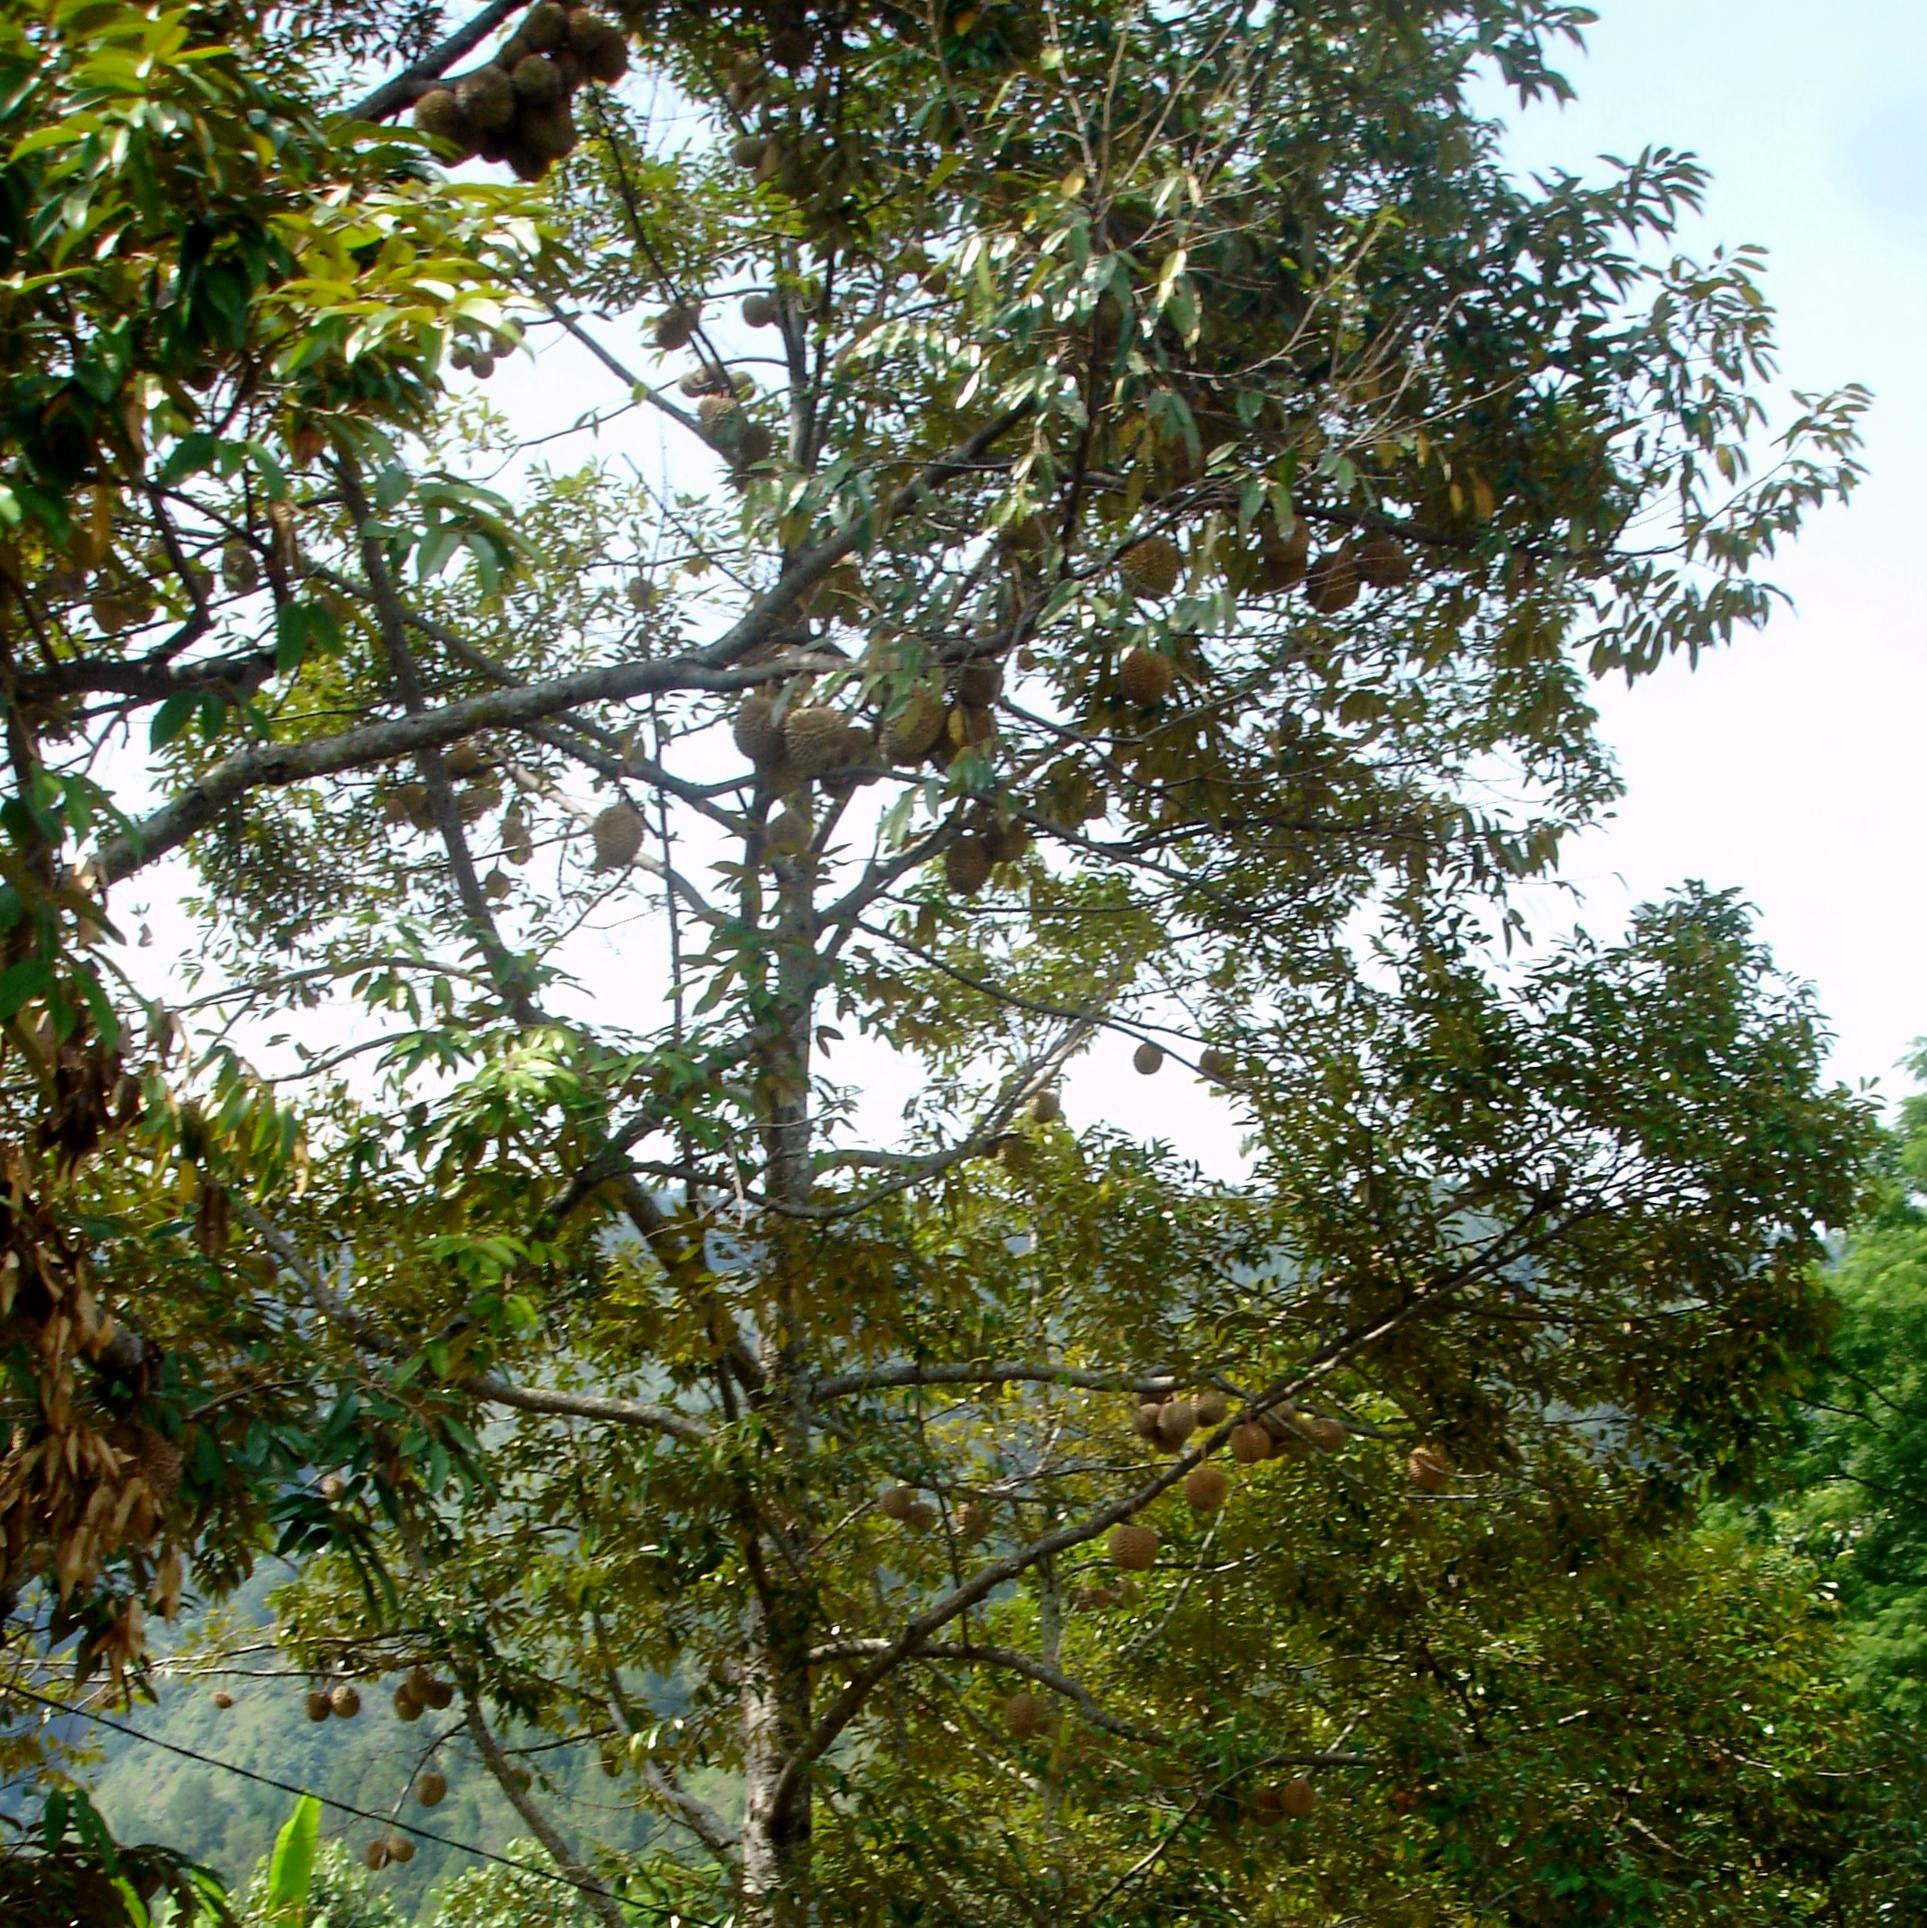 File:Ripe Durian Tree in Samosir Island 06 JPG - Wikimedia